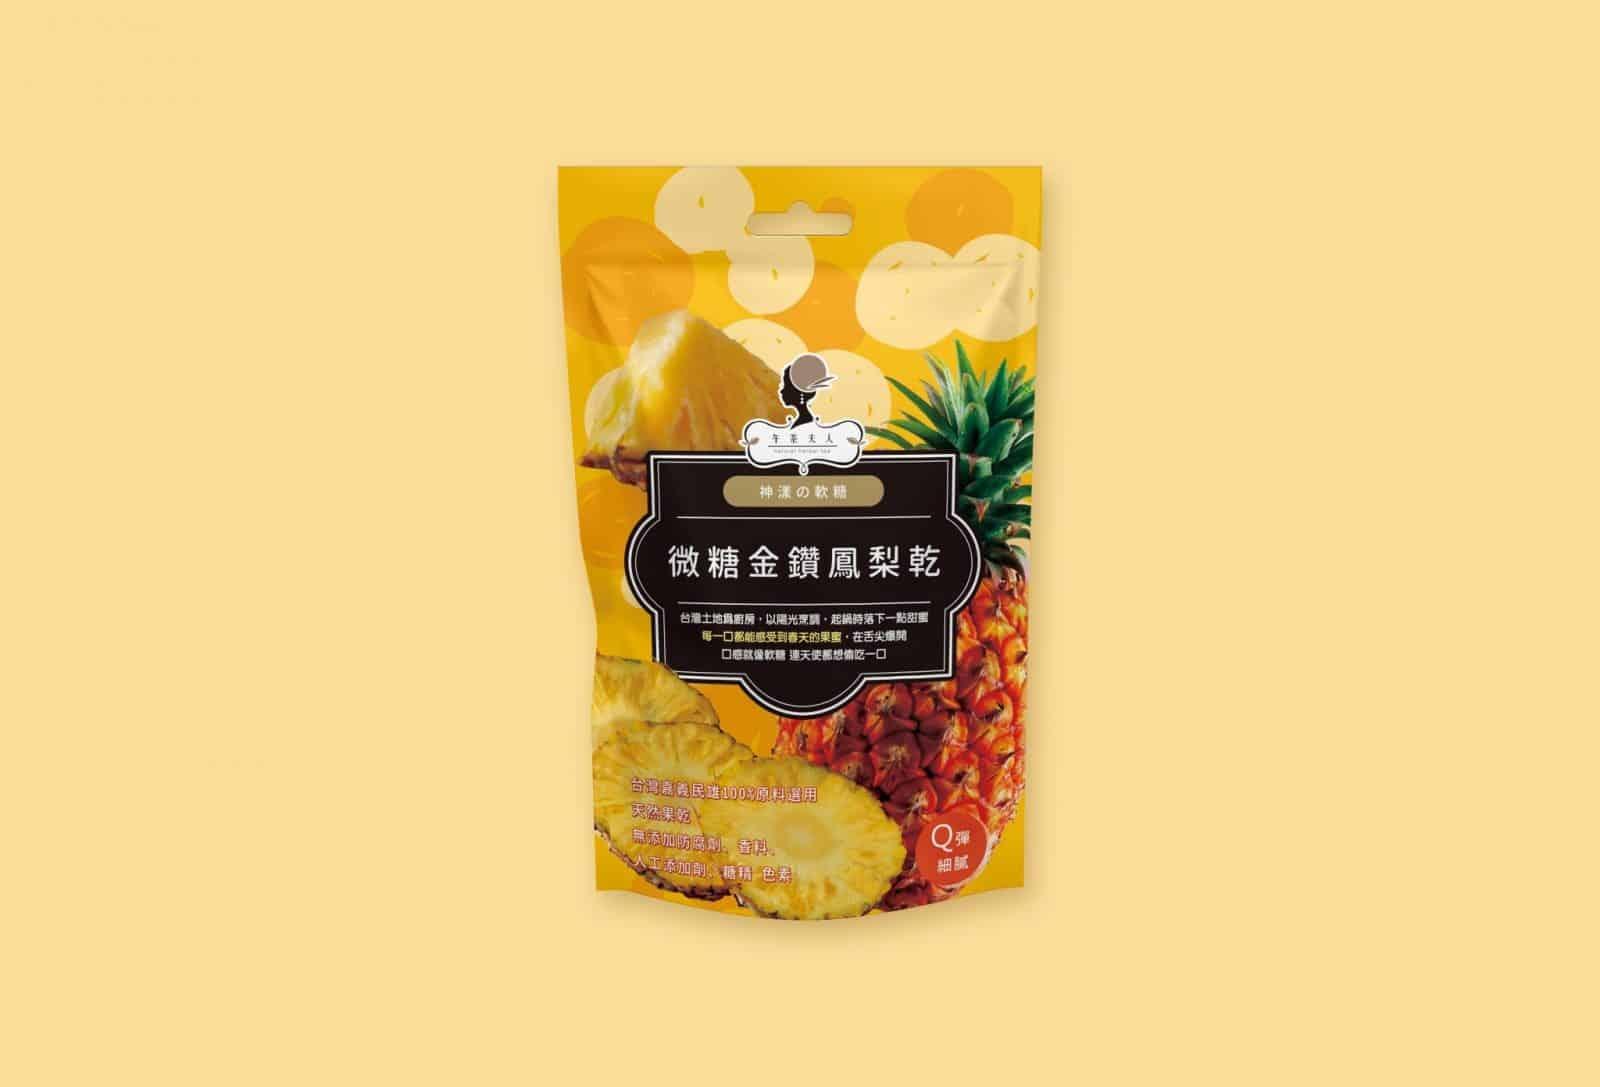 金鑽鳳梨乾 密封袋設計 果乾包裝設計 果乾袋設計 包裝設計推薦 高雄包裝設計 台中包裝設計